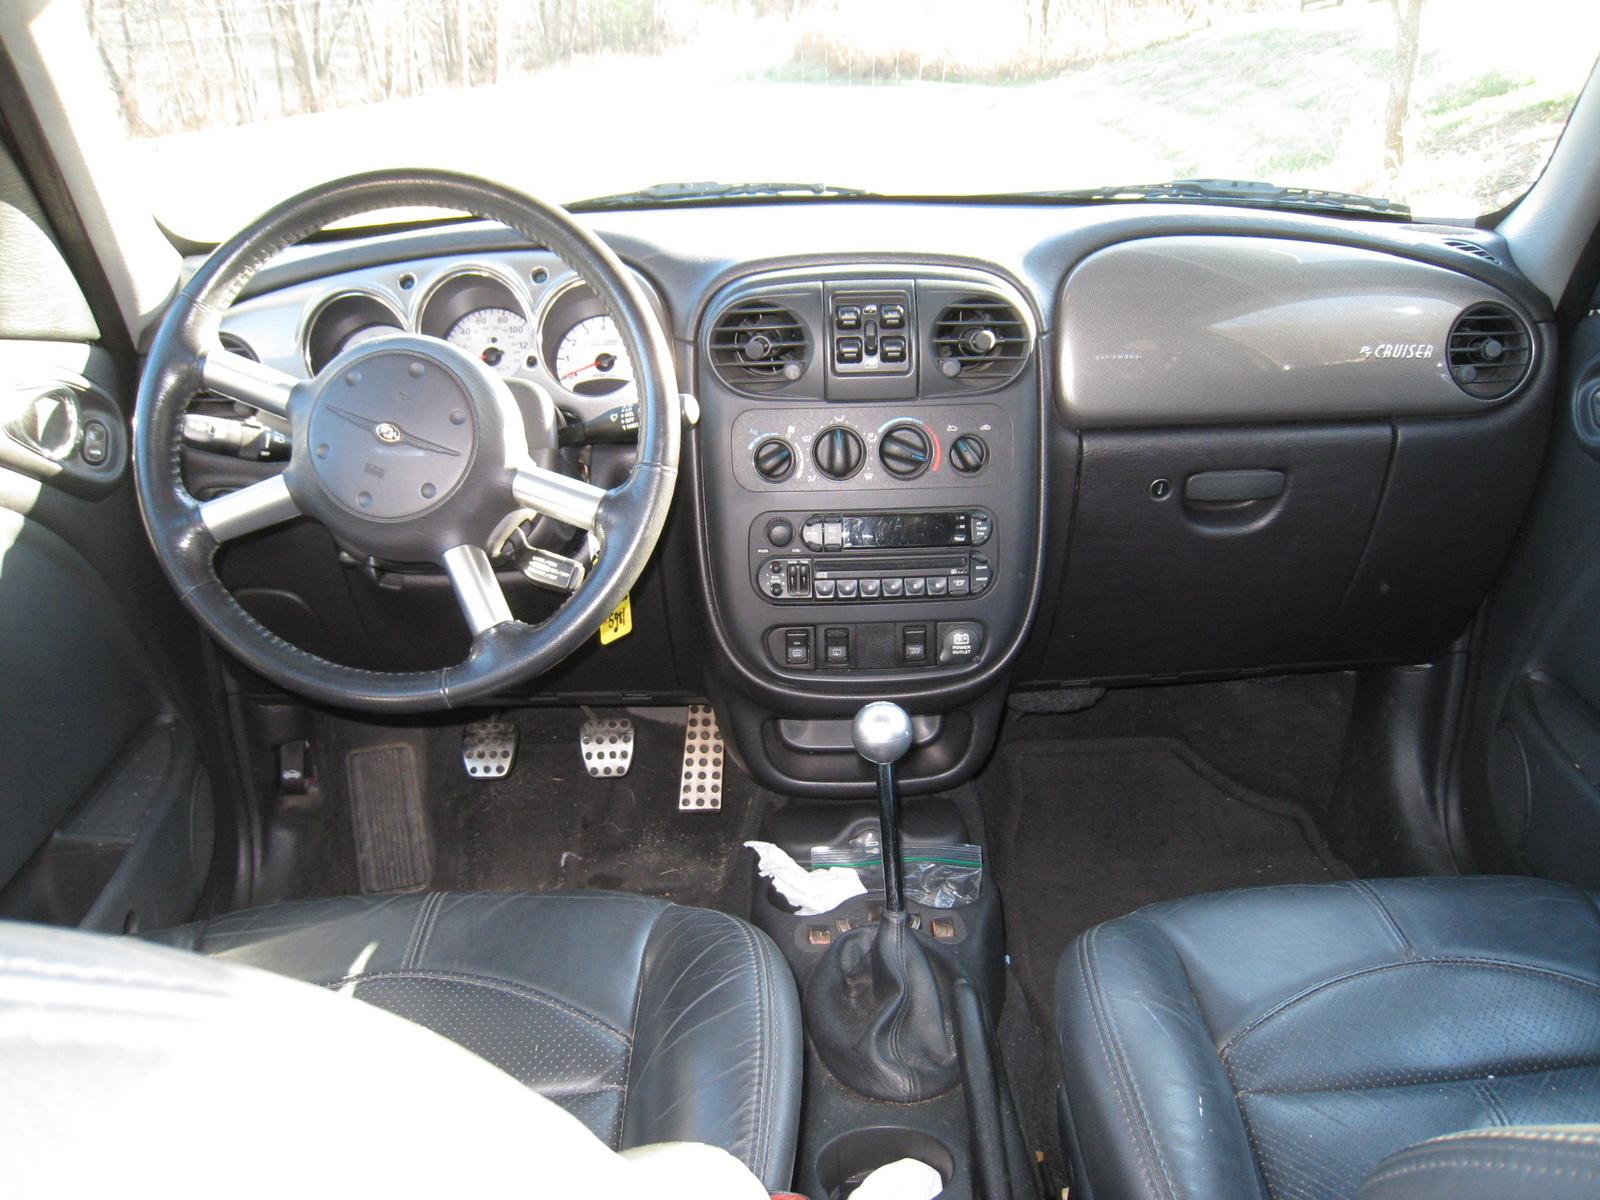 2004 Chrysler Pt Cruiser Interior Pictures Cargurus